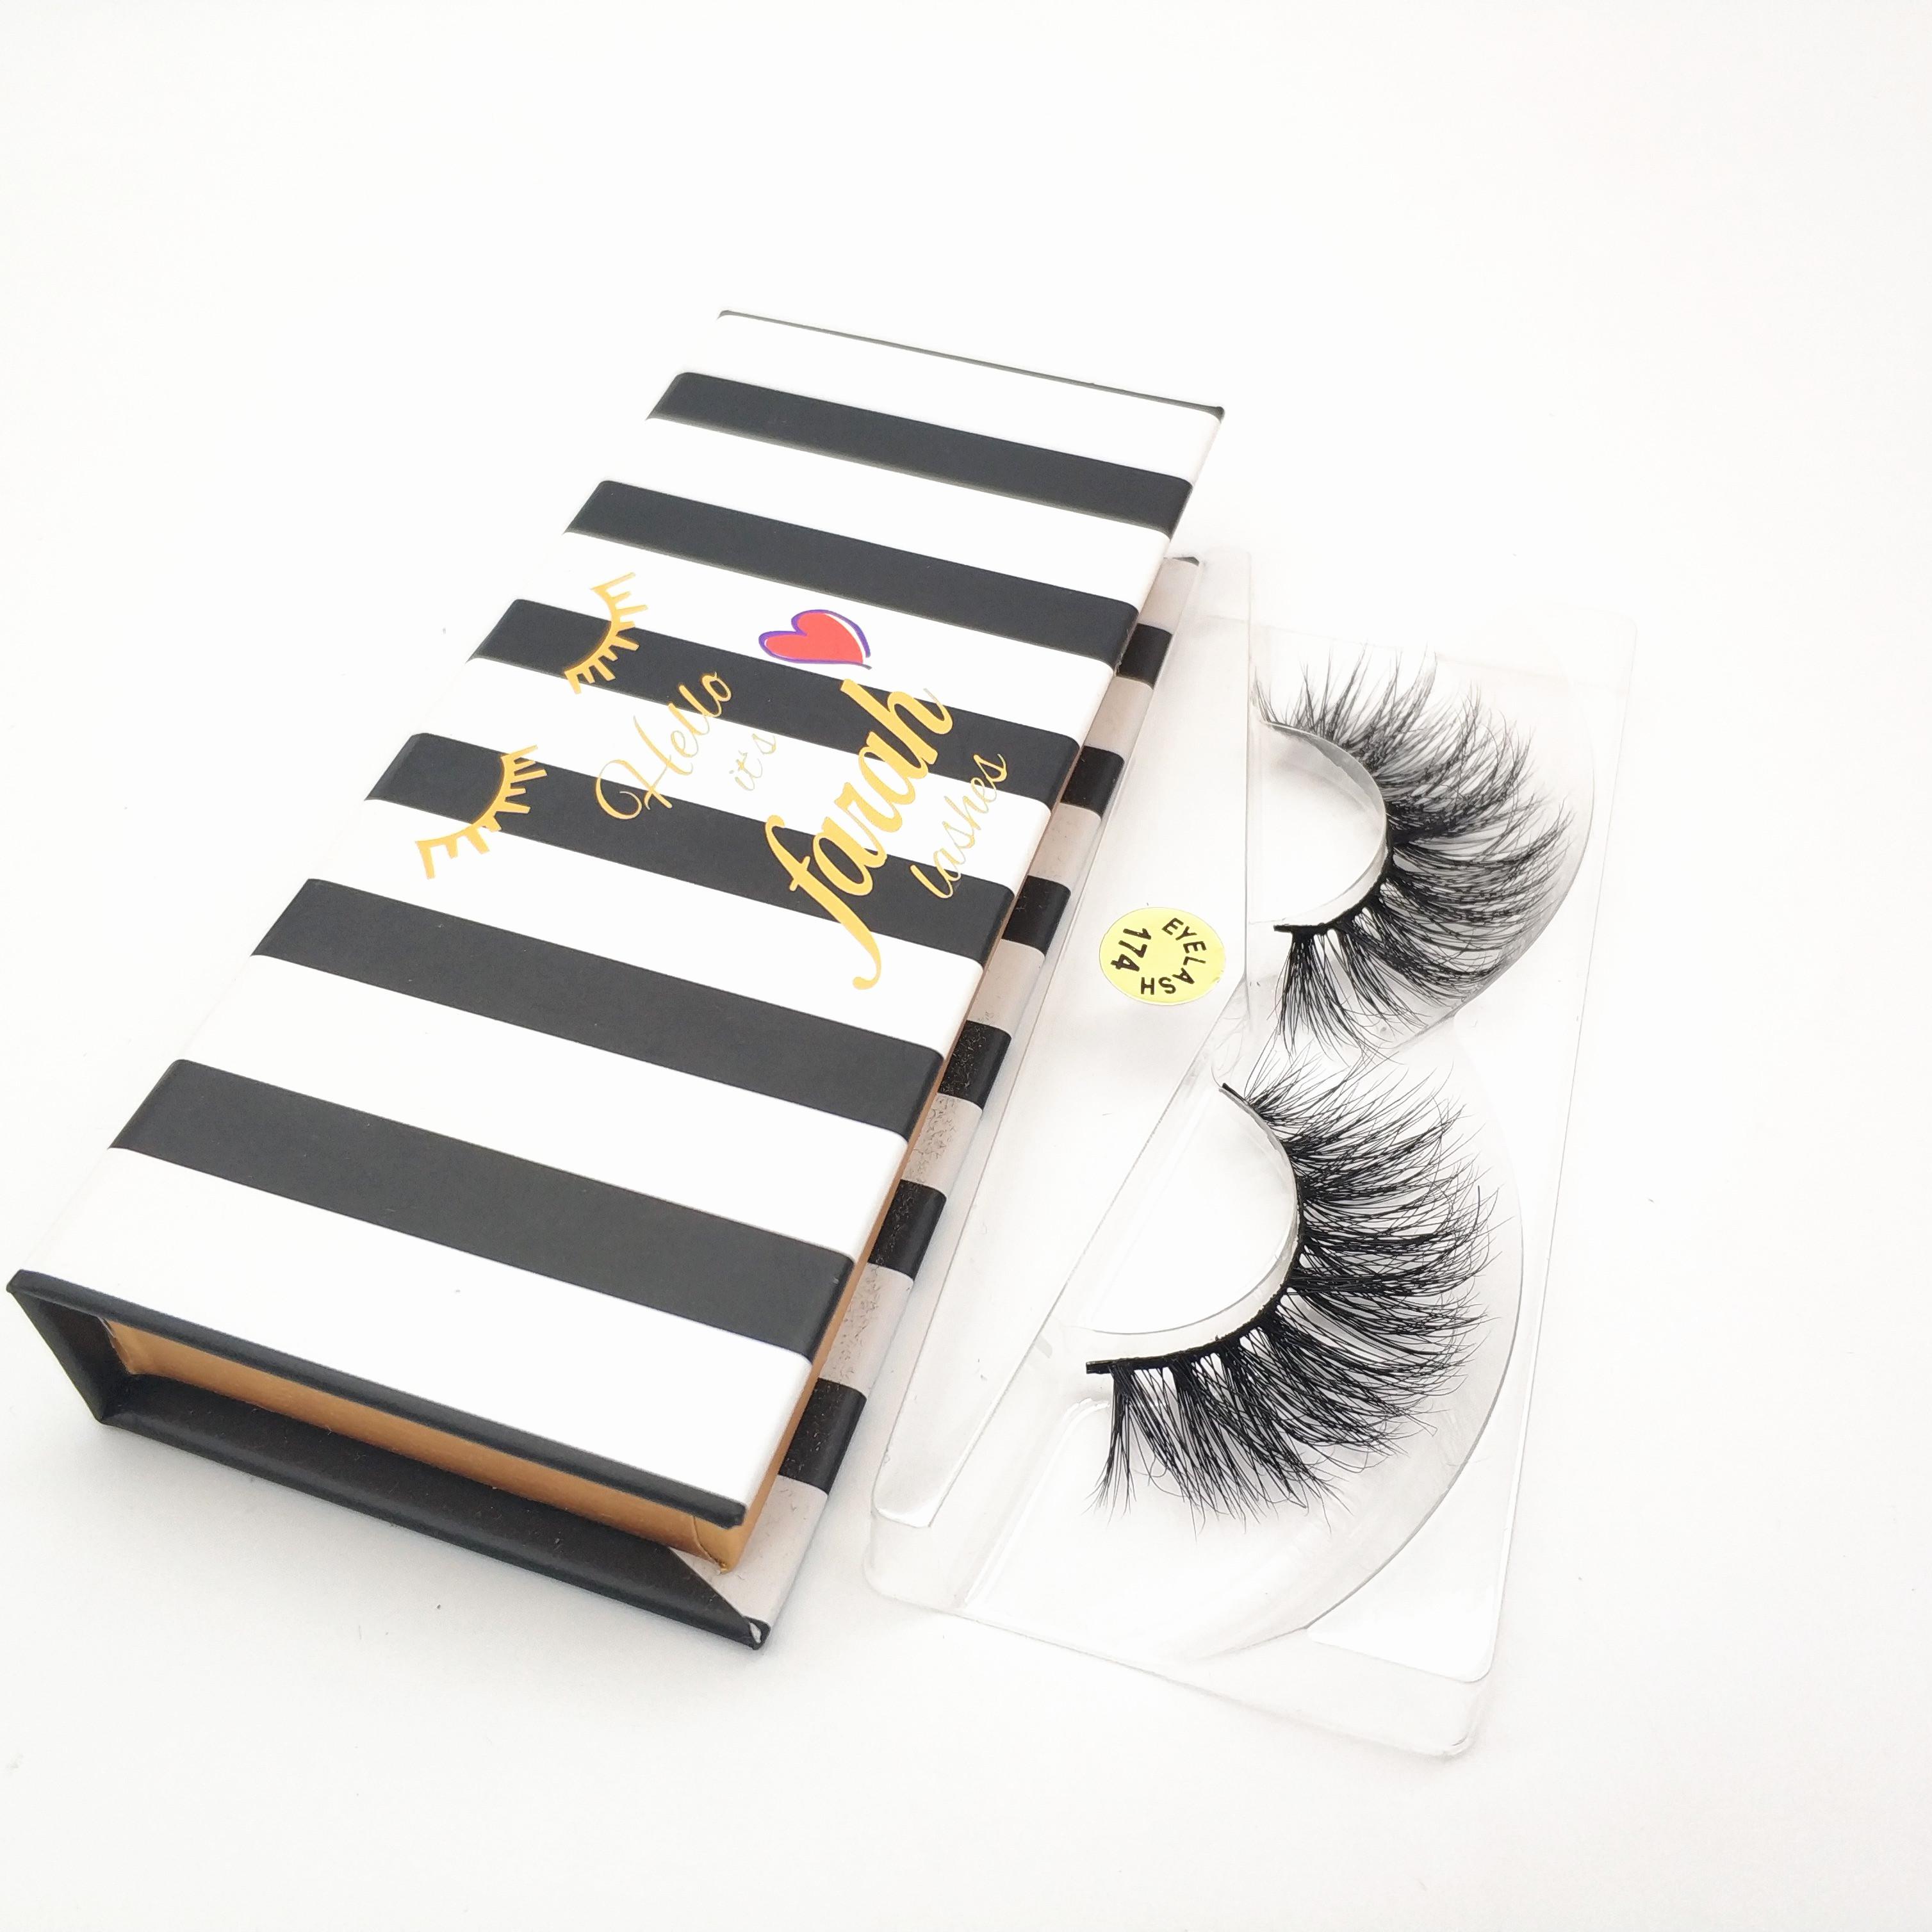 Eyelash Vendors Luxury Custom Eyelash Box 3d Mink Eyelashes - Buy Eyelashes  Mink 3d,Mink Eyelashes,Custom Eyelash Box Product on Alibaba com